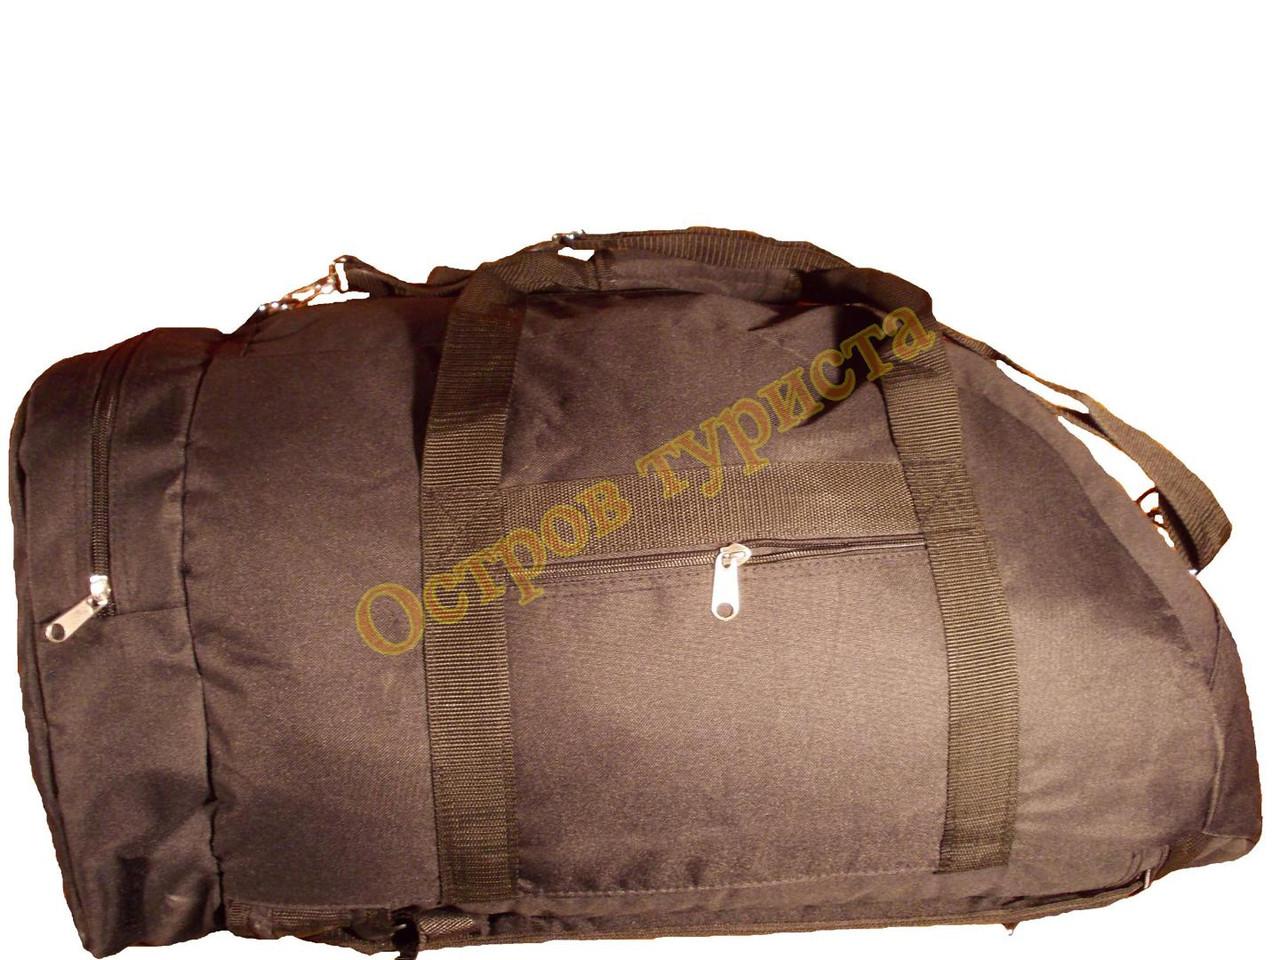 Сумка рюкзак 1233 военная 70 литров черная